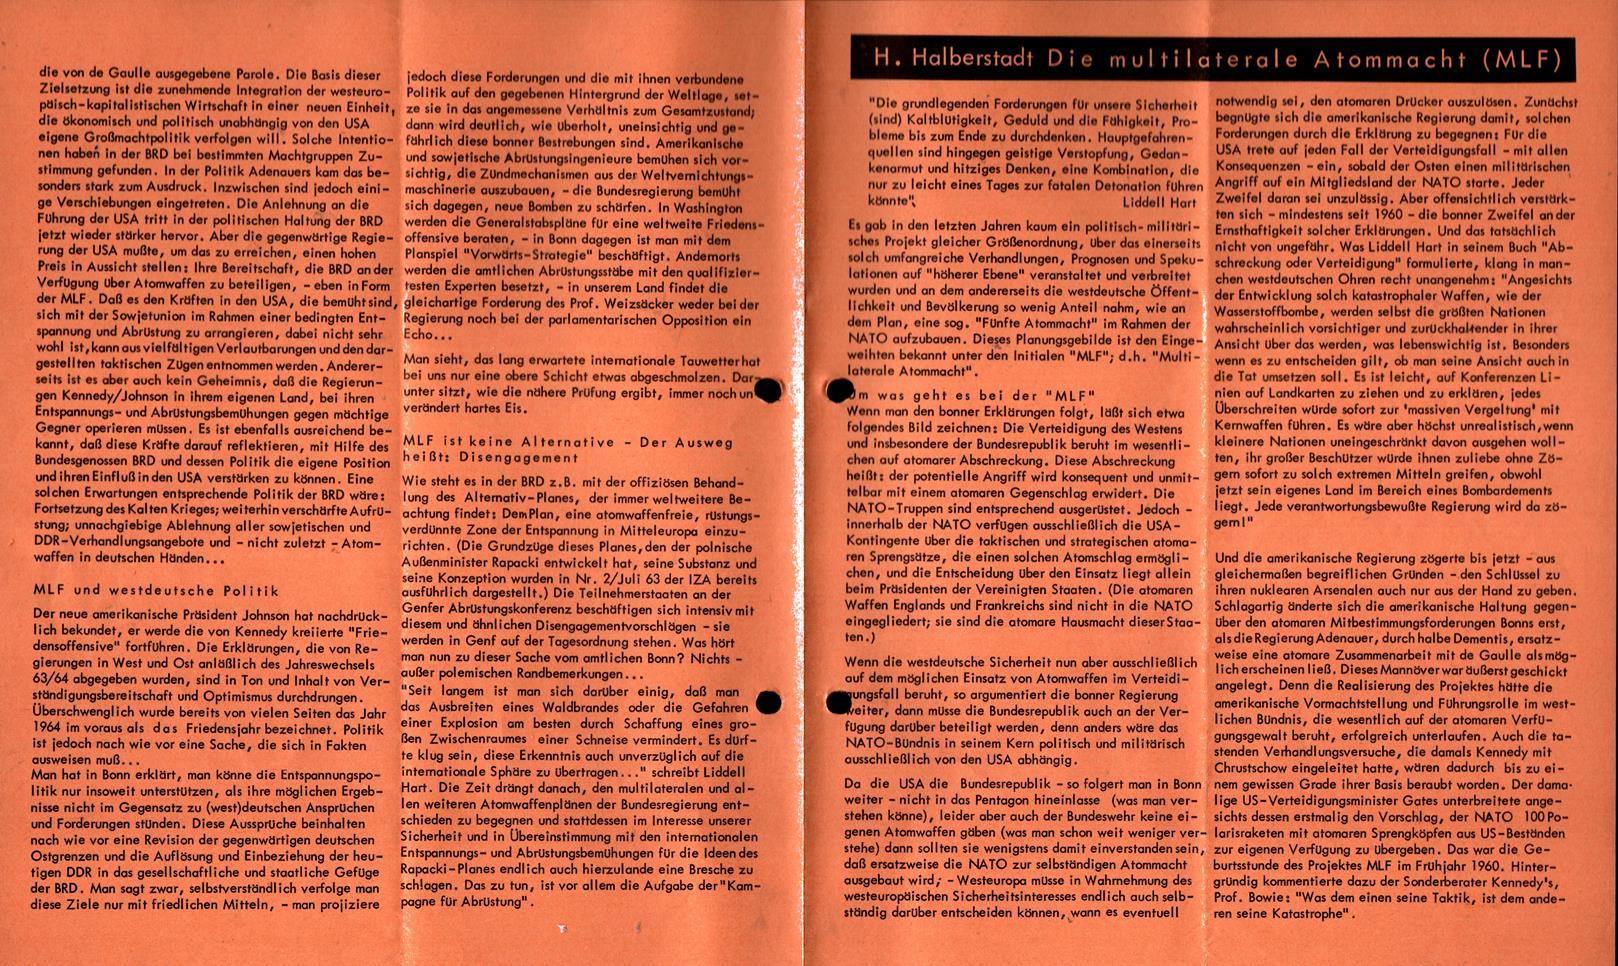 Infos_zur_Abruestung_1964_006_005